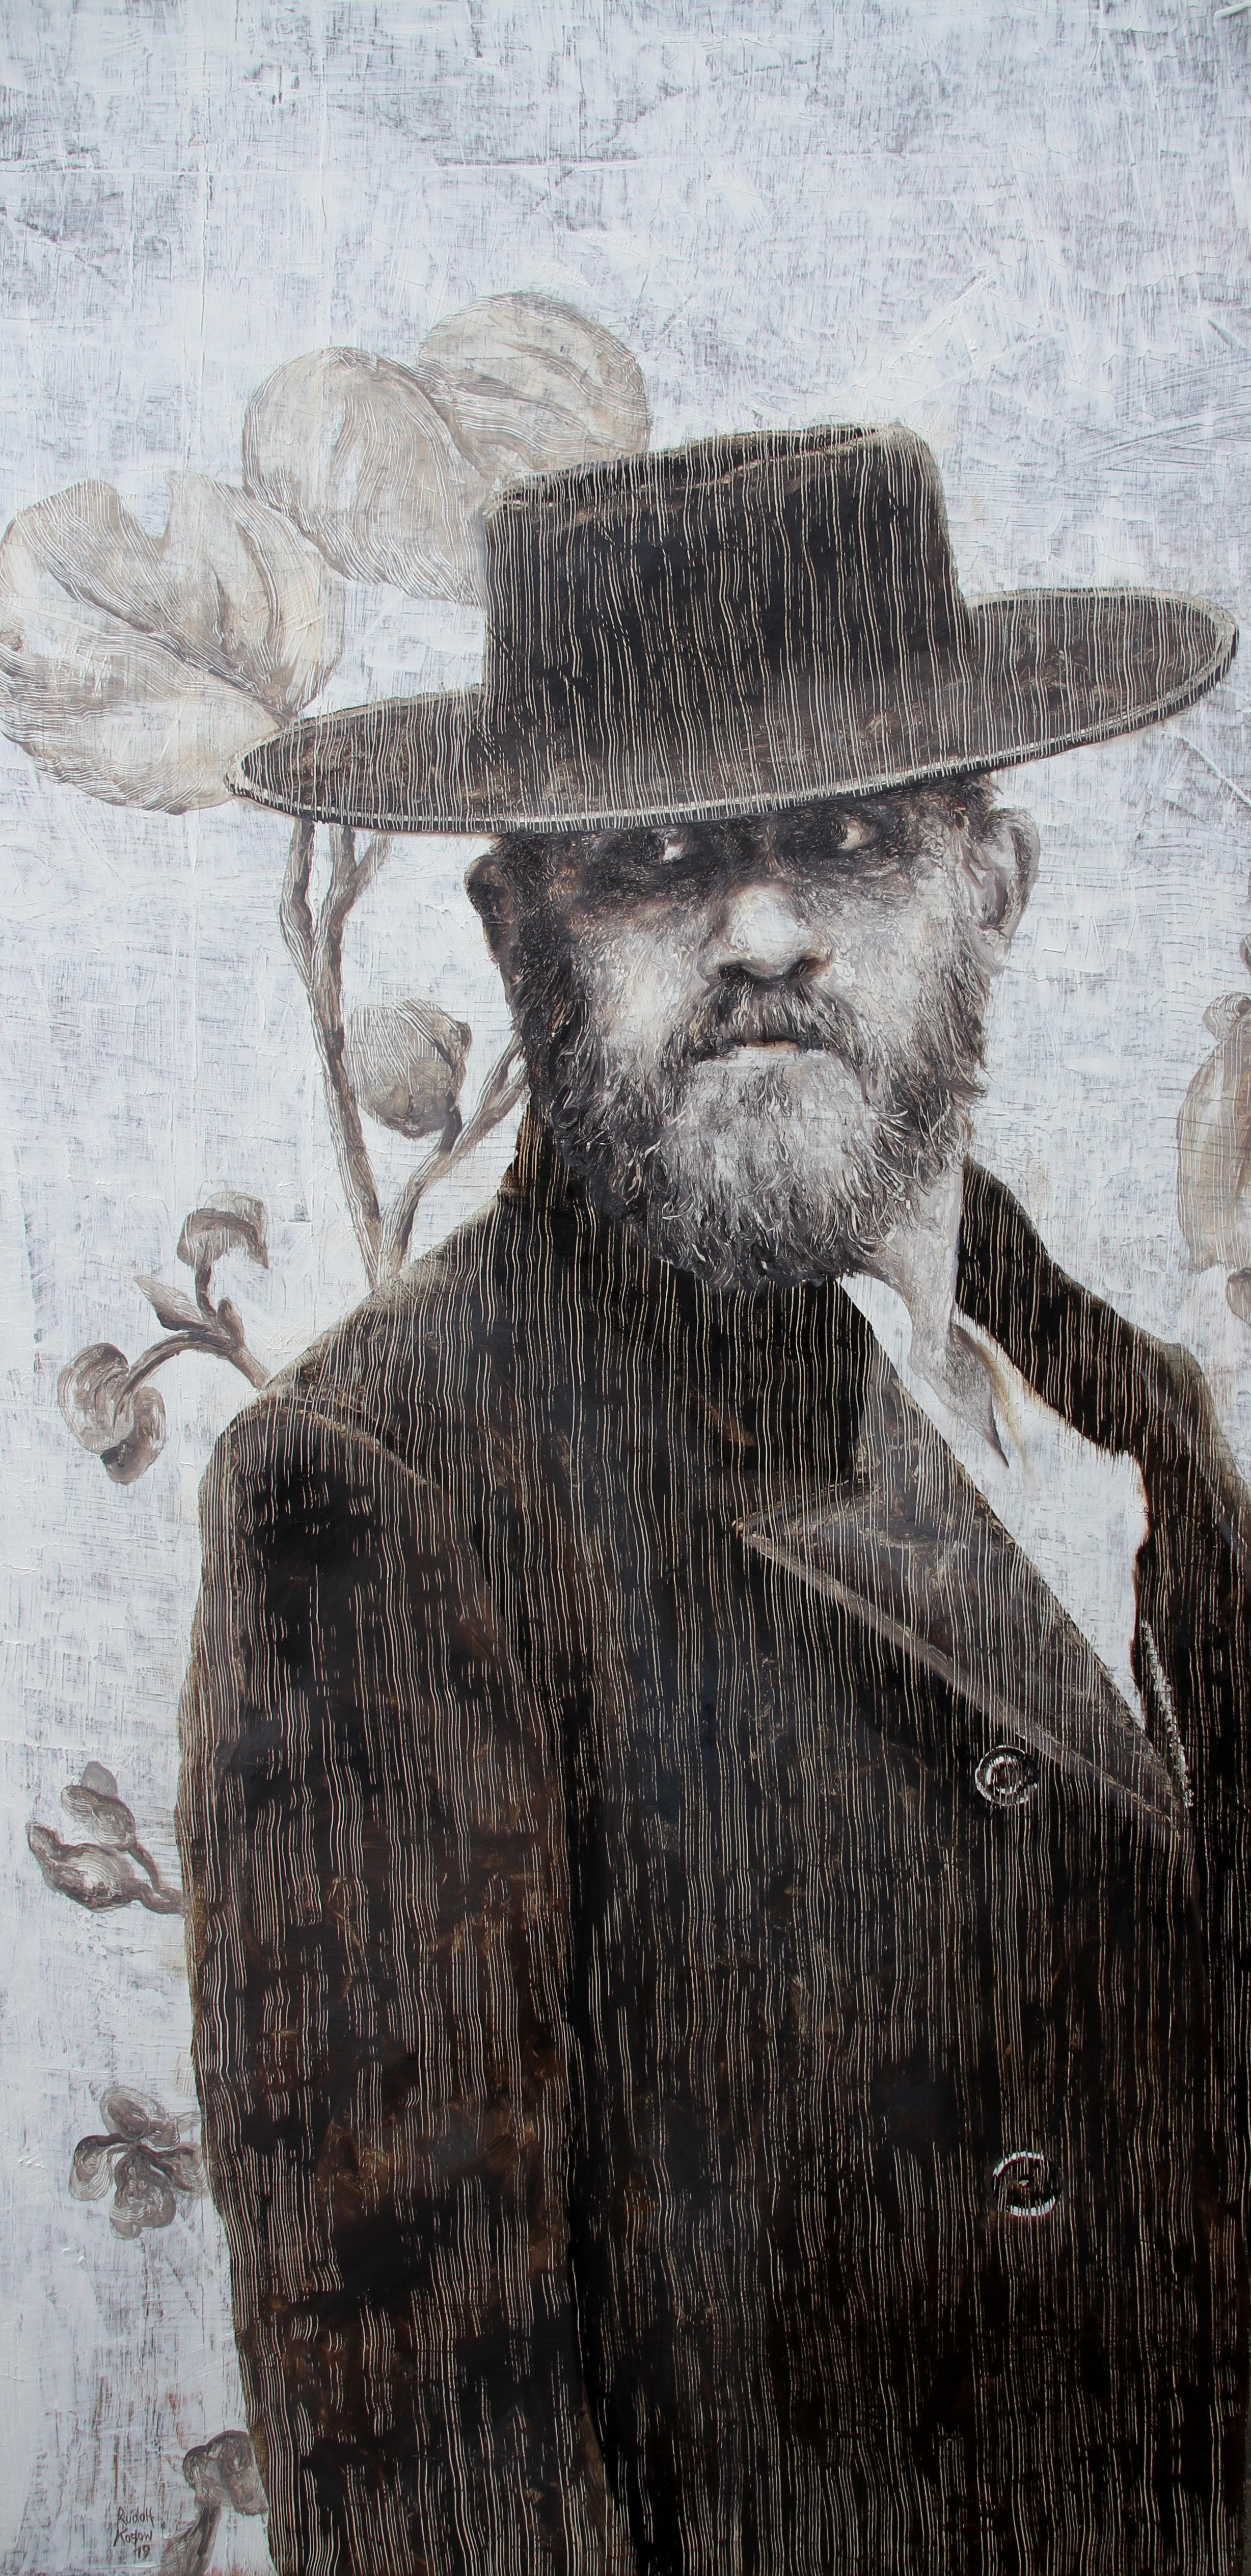 Mr. L (oil painting monochrome vintage old man beard portrait nostalgia, hat)